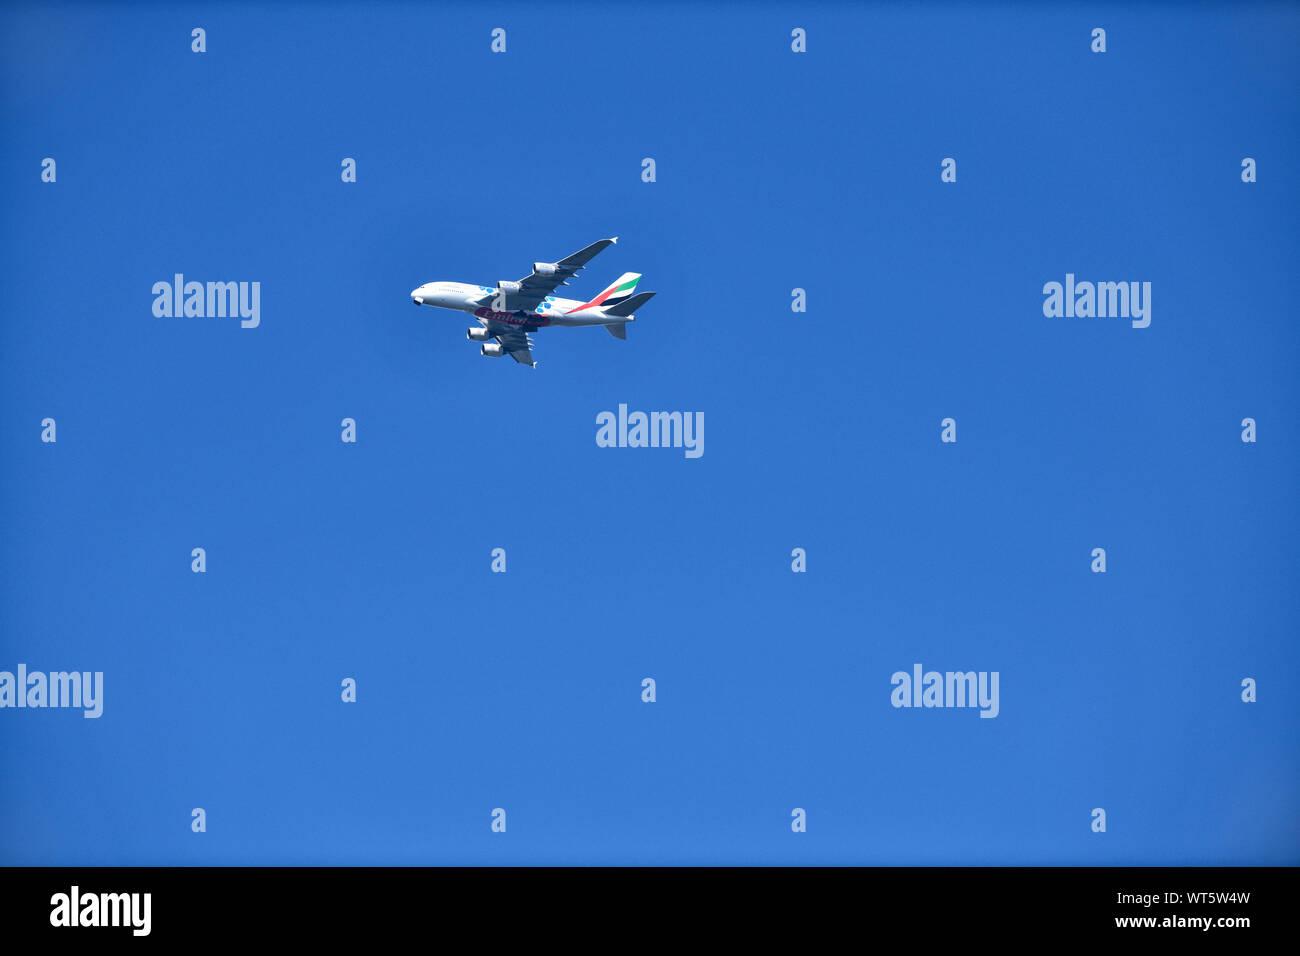 Ein Airbus A380 der Fluggesellschaft Emirates im Landeanflug auf den Düsseldorfer Flughafen. Stockfoto